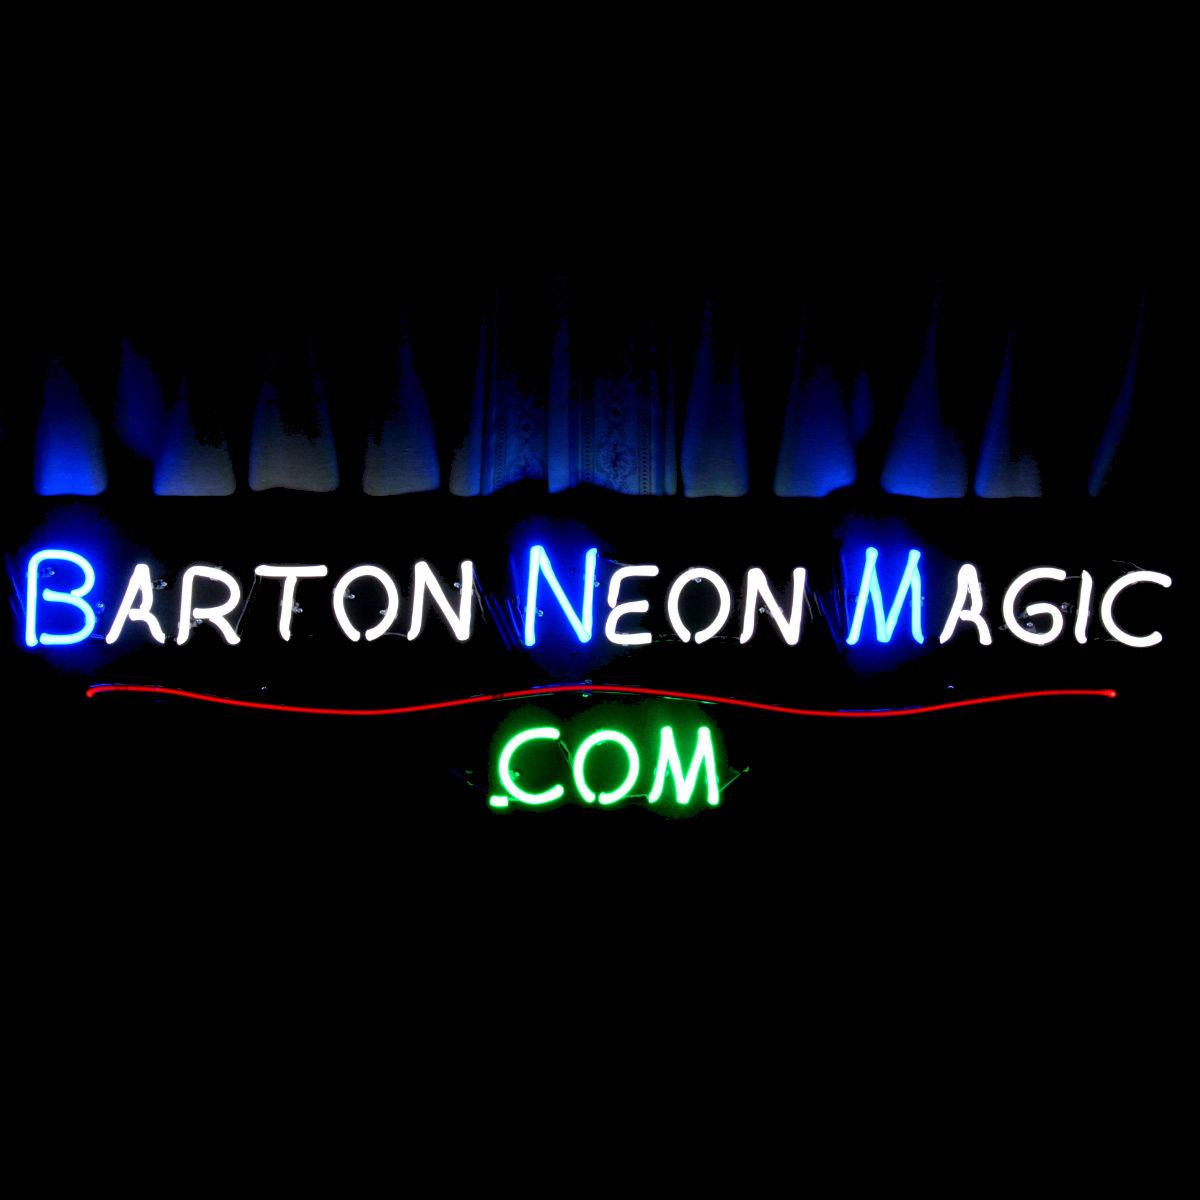 Studebaker Neon Signs and Packard Neon Signs by John Barton - former Studebaker Packard New Car Dealer - BartonNeonMagic.com